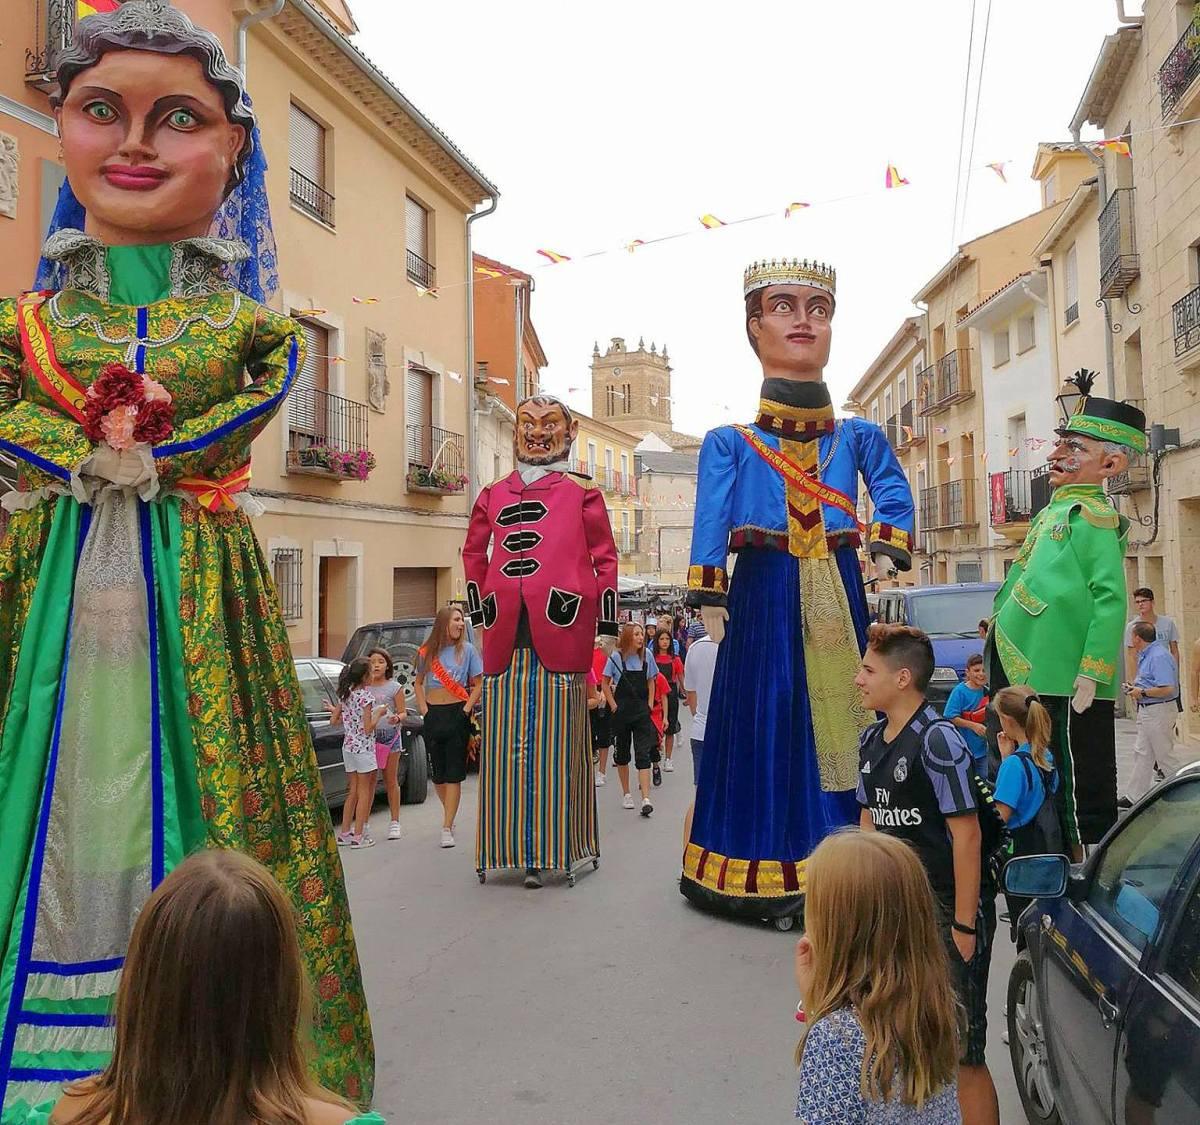 La alcaldesa no desmiente que haya gastado casi 16.000 euros en balconadas, cabezudos y jamones para las fiestas